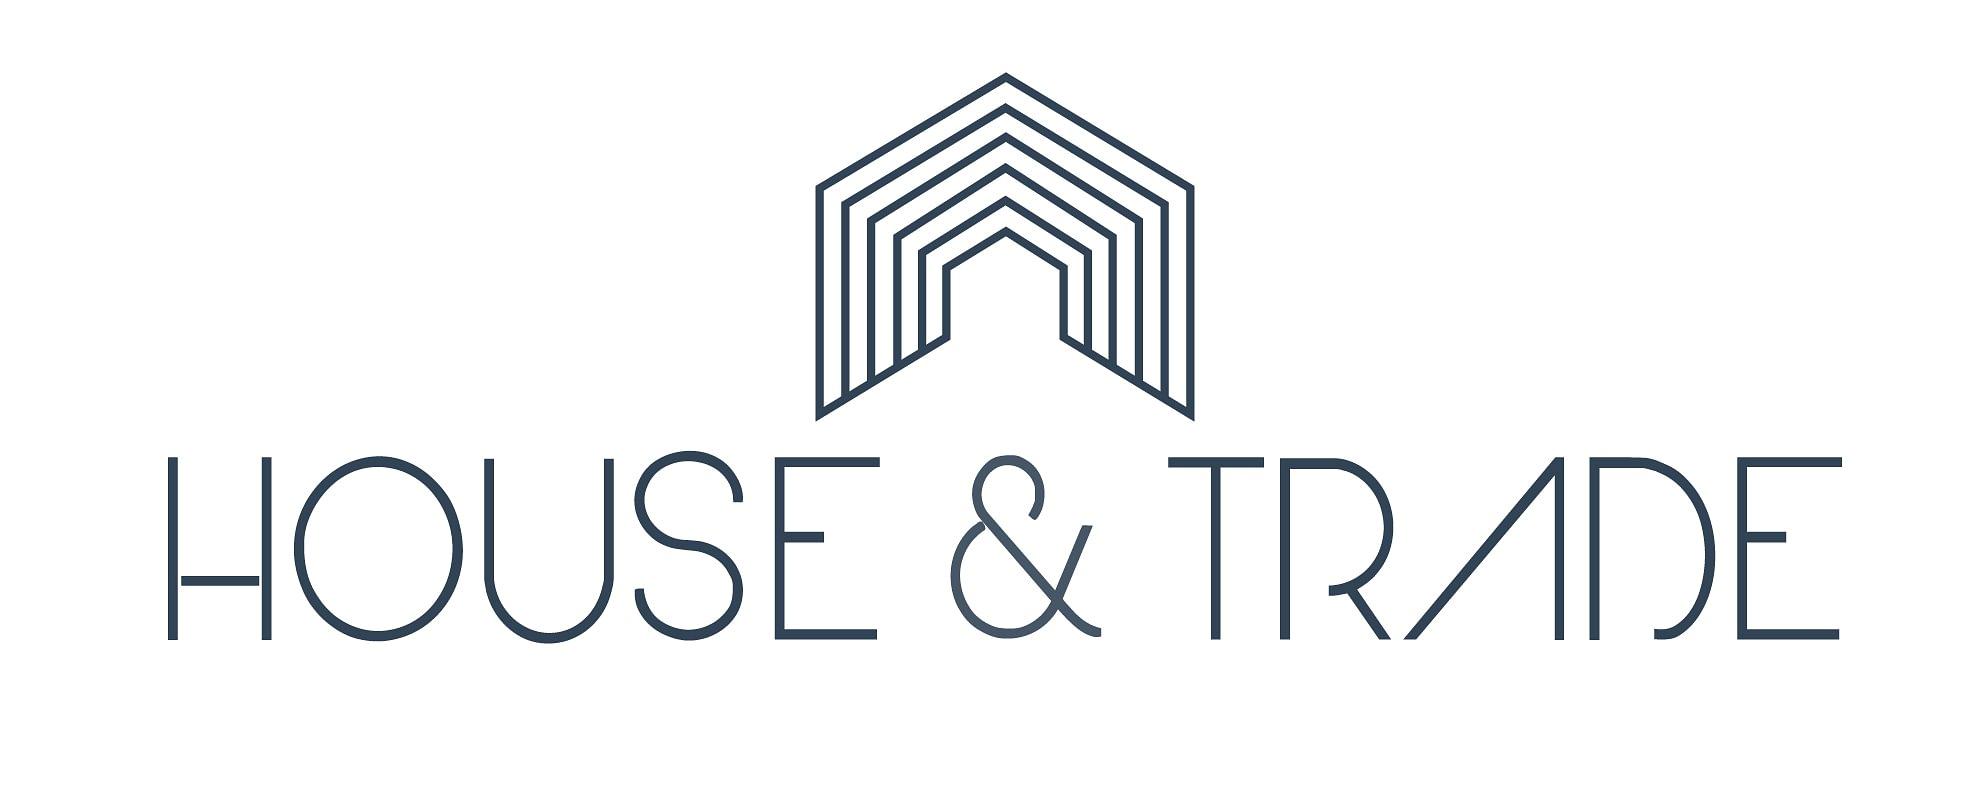 HOUSE & TRADE SA